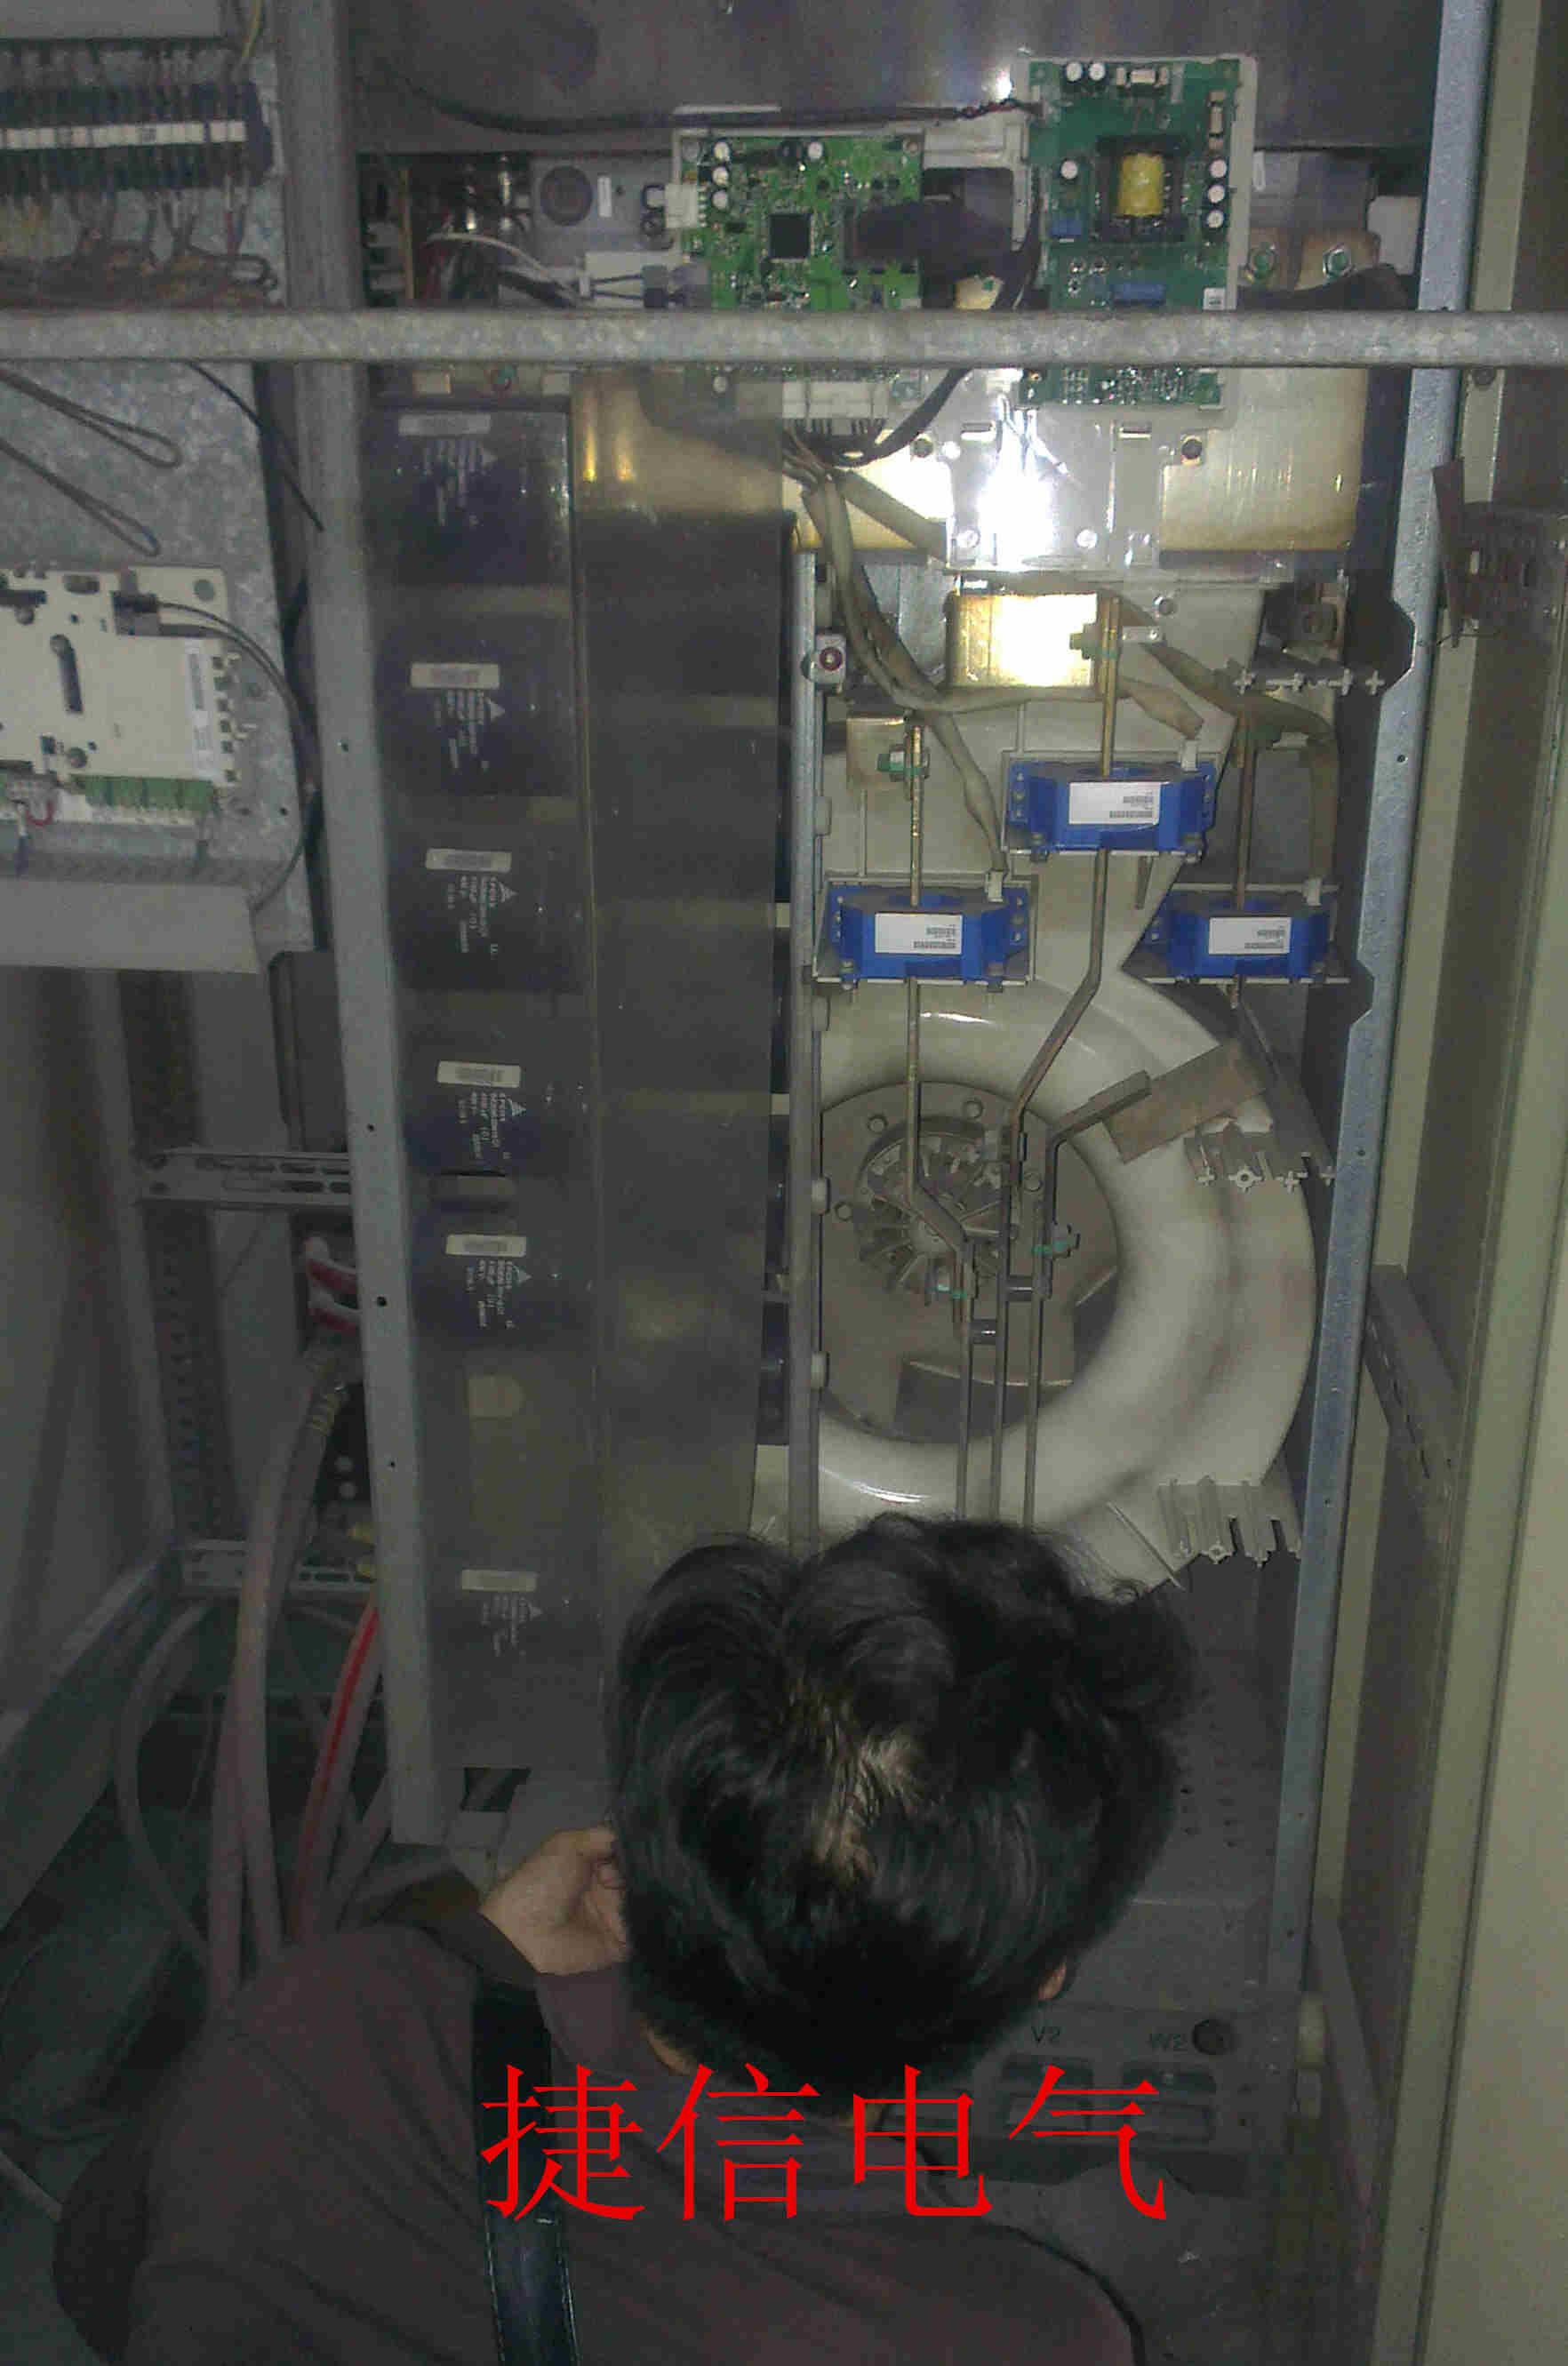 陇南欧陆(EUROTHERM)590直流调速器修理中心